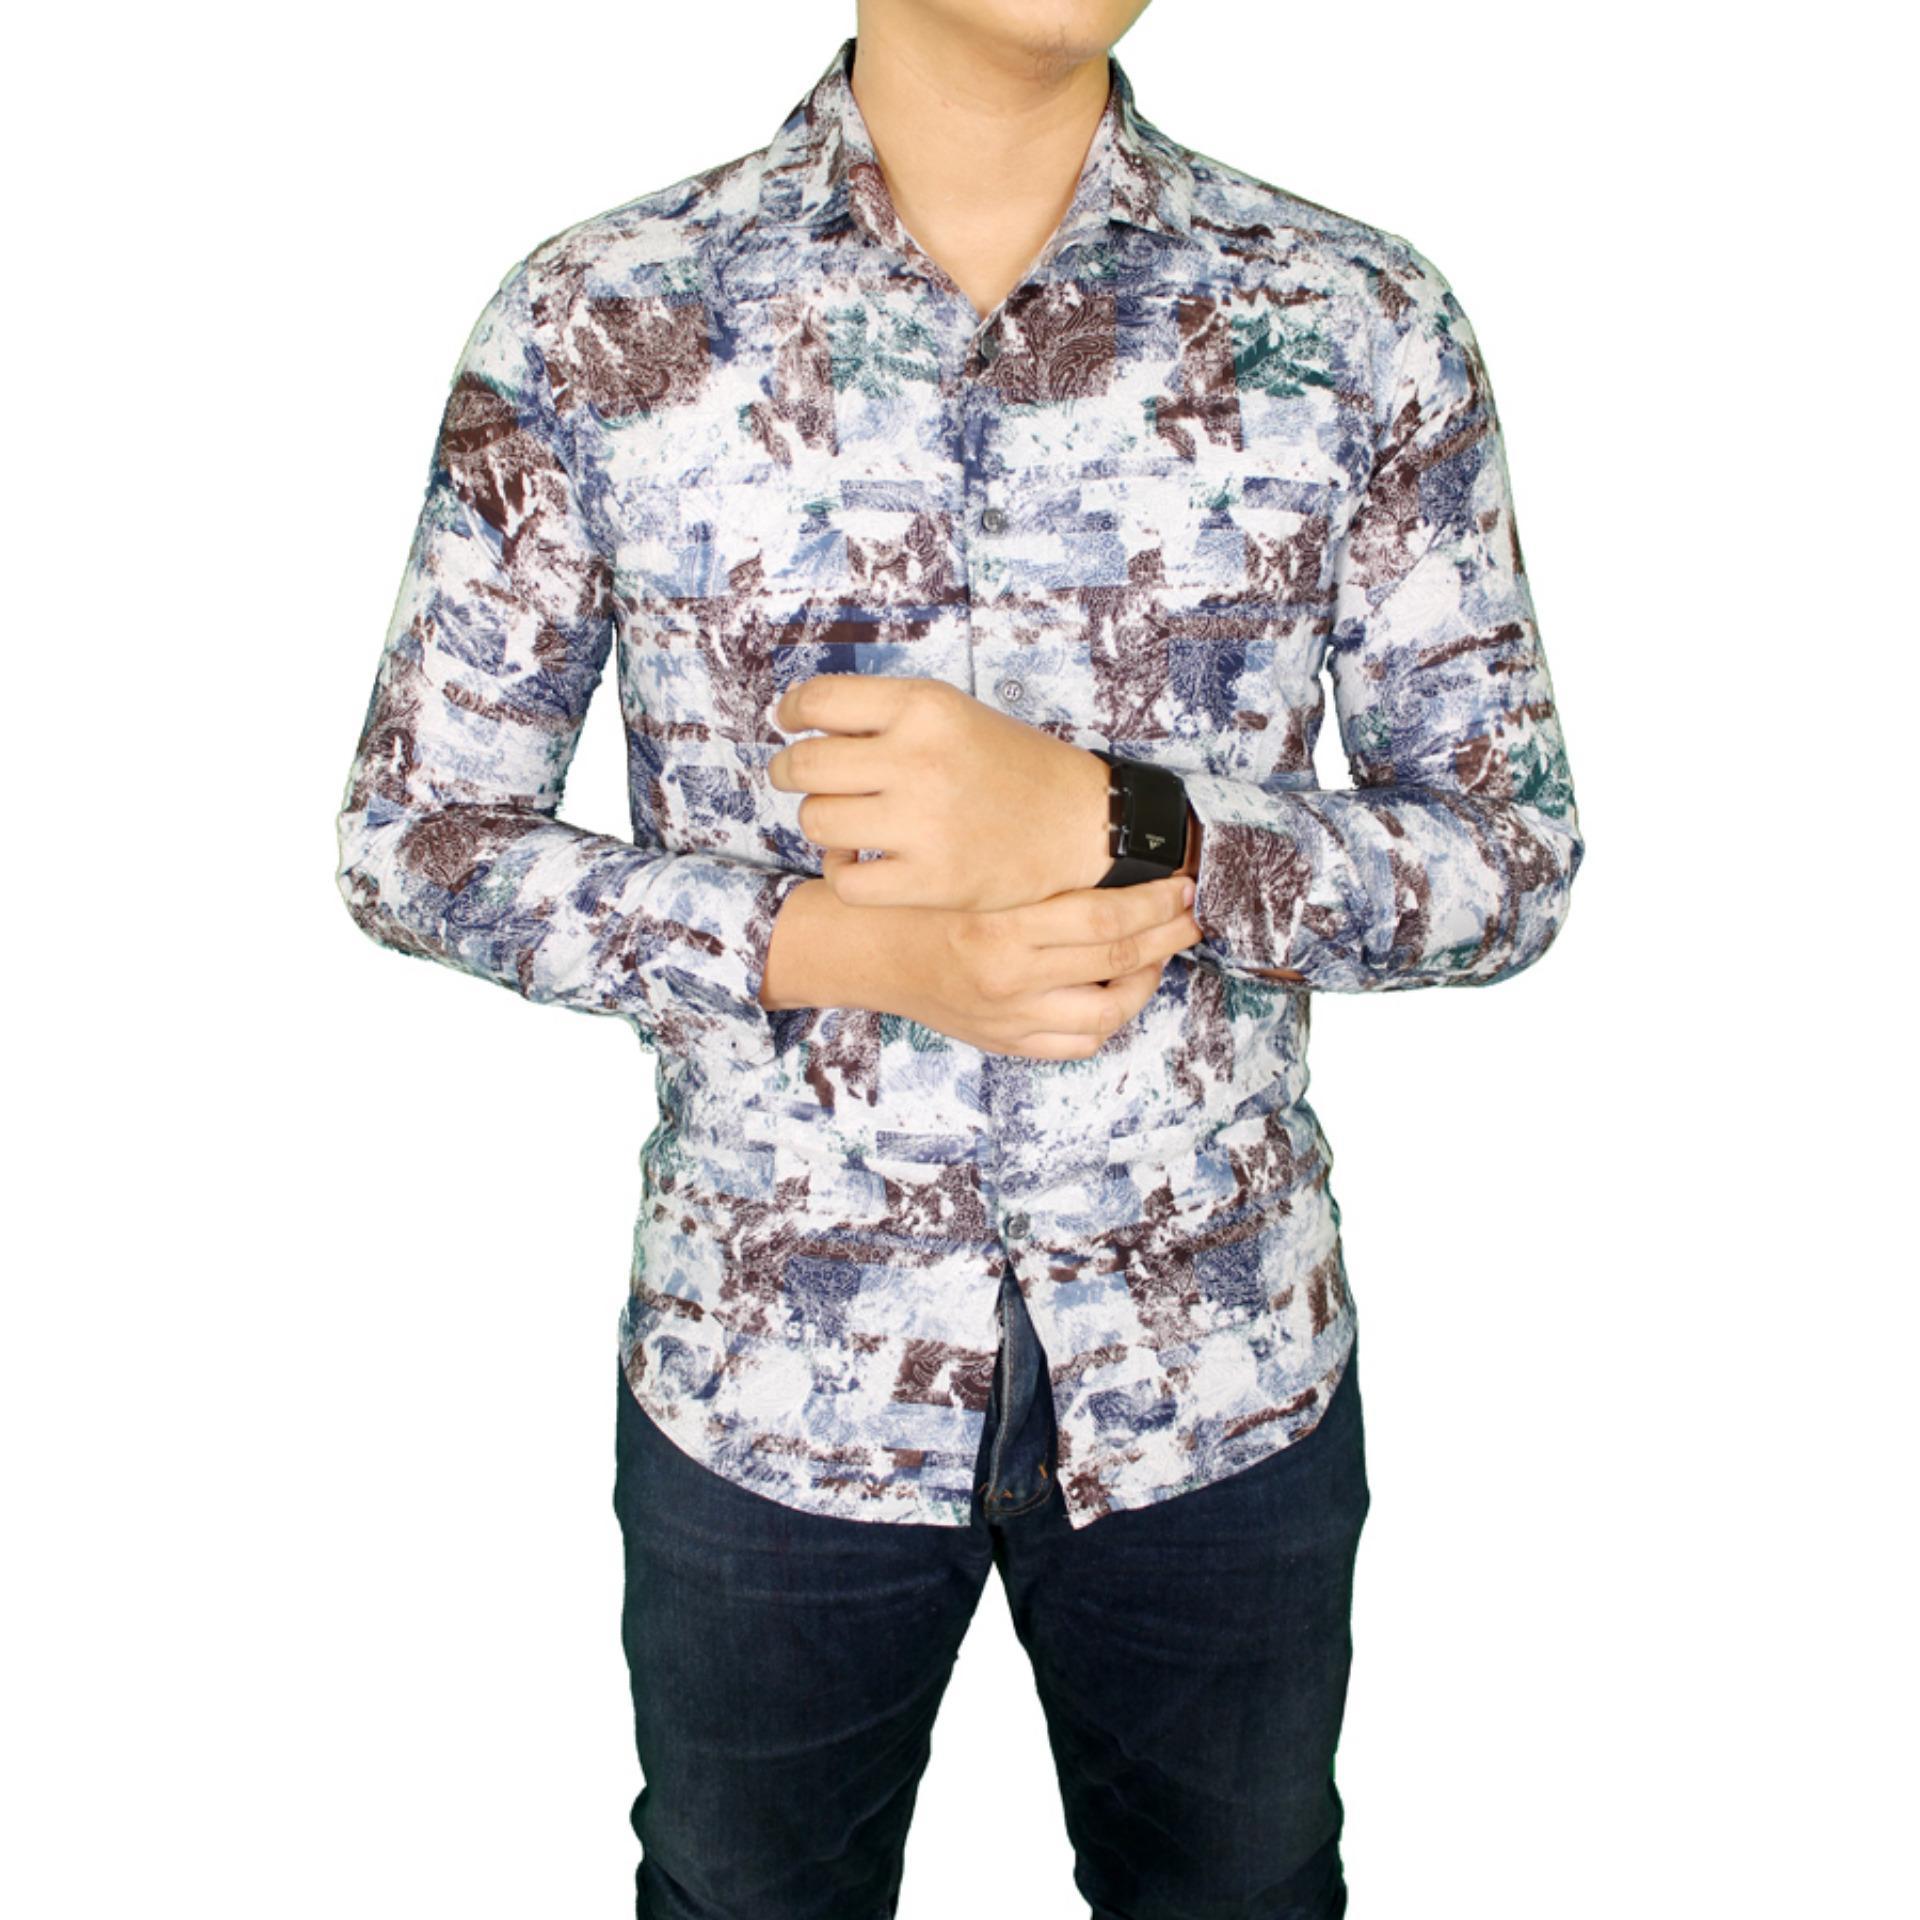 Gudang Fashion - Kemeja Batik Formal Pria - Putih - Biru .